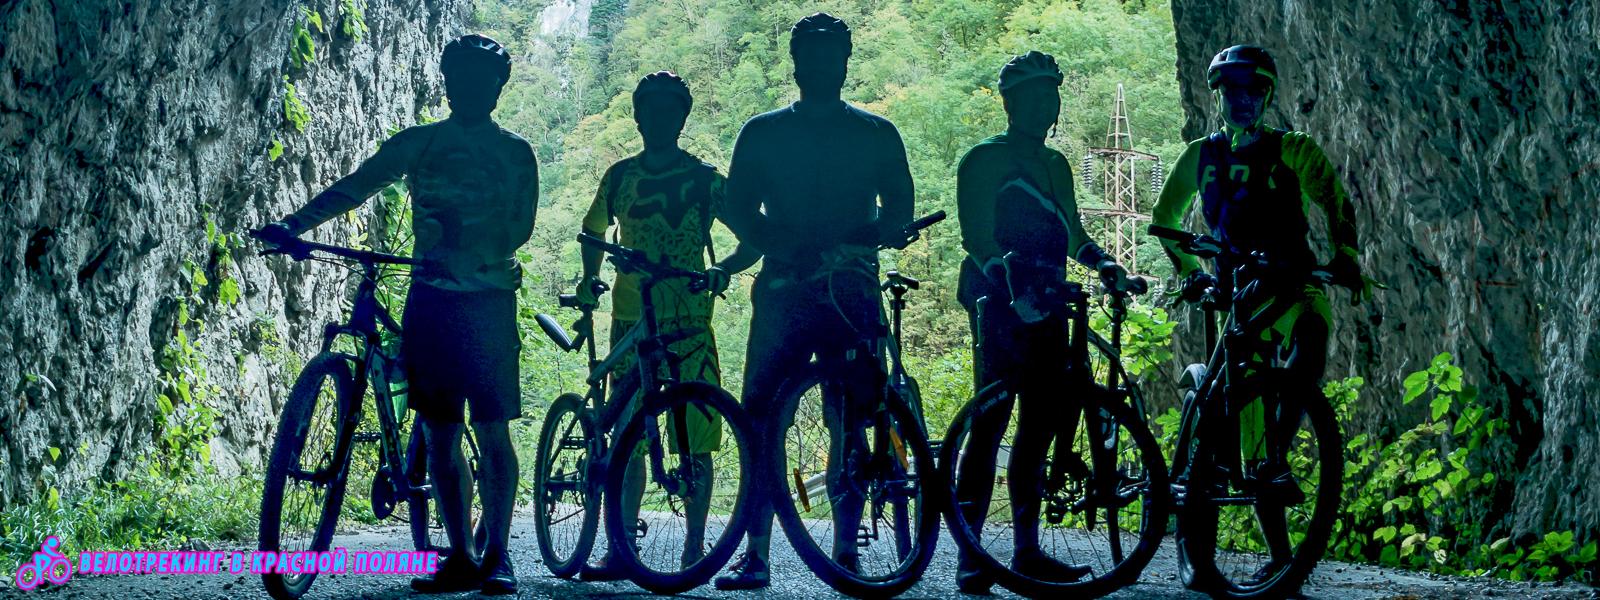 Велотрекинг 2018 в Сочи - сезон открыт